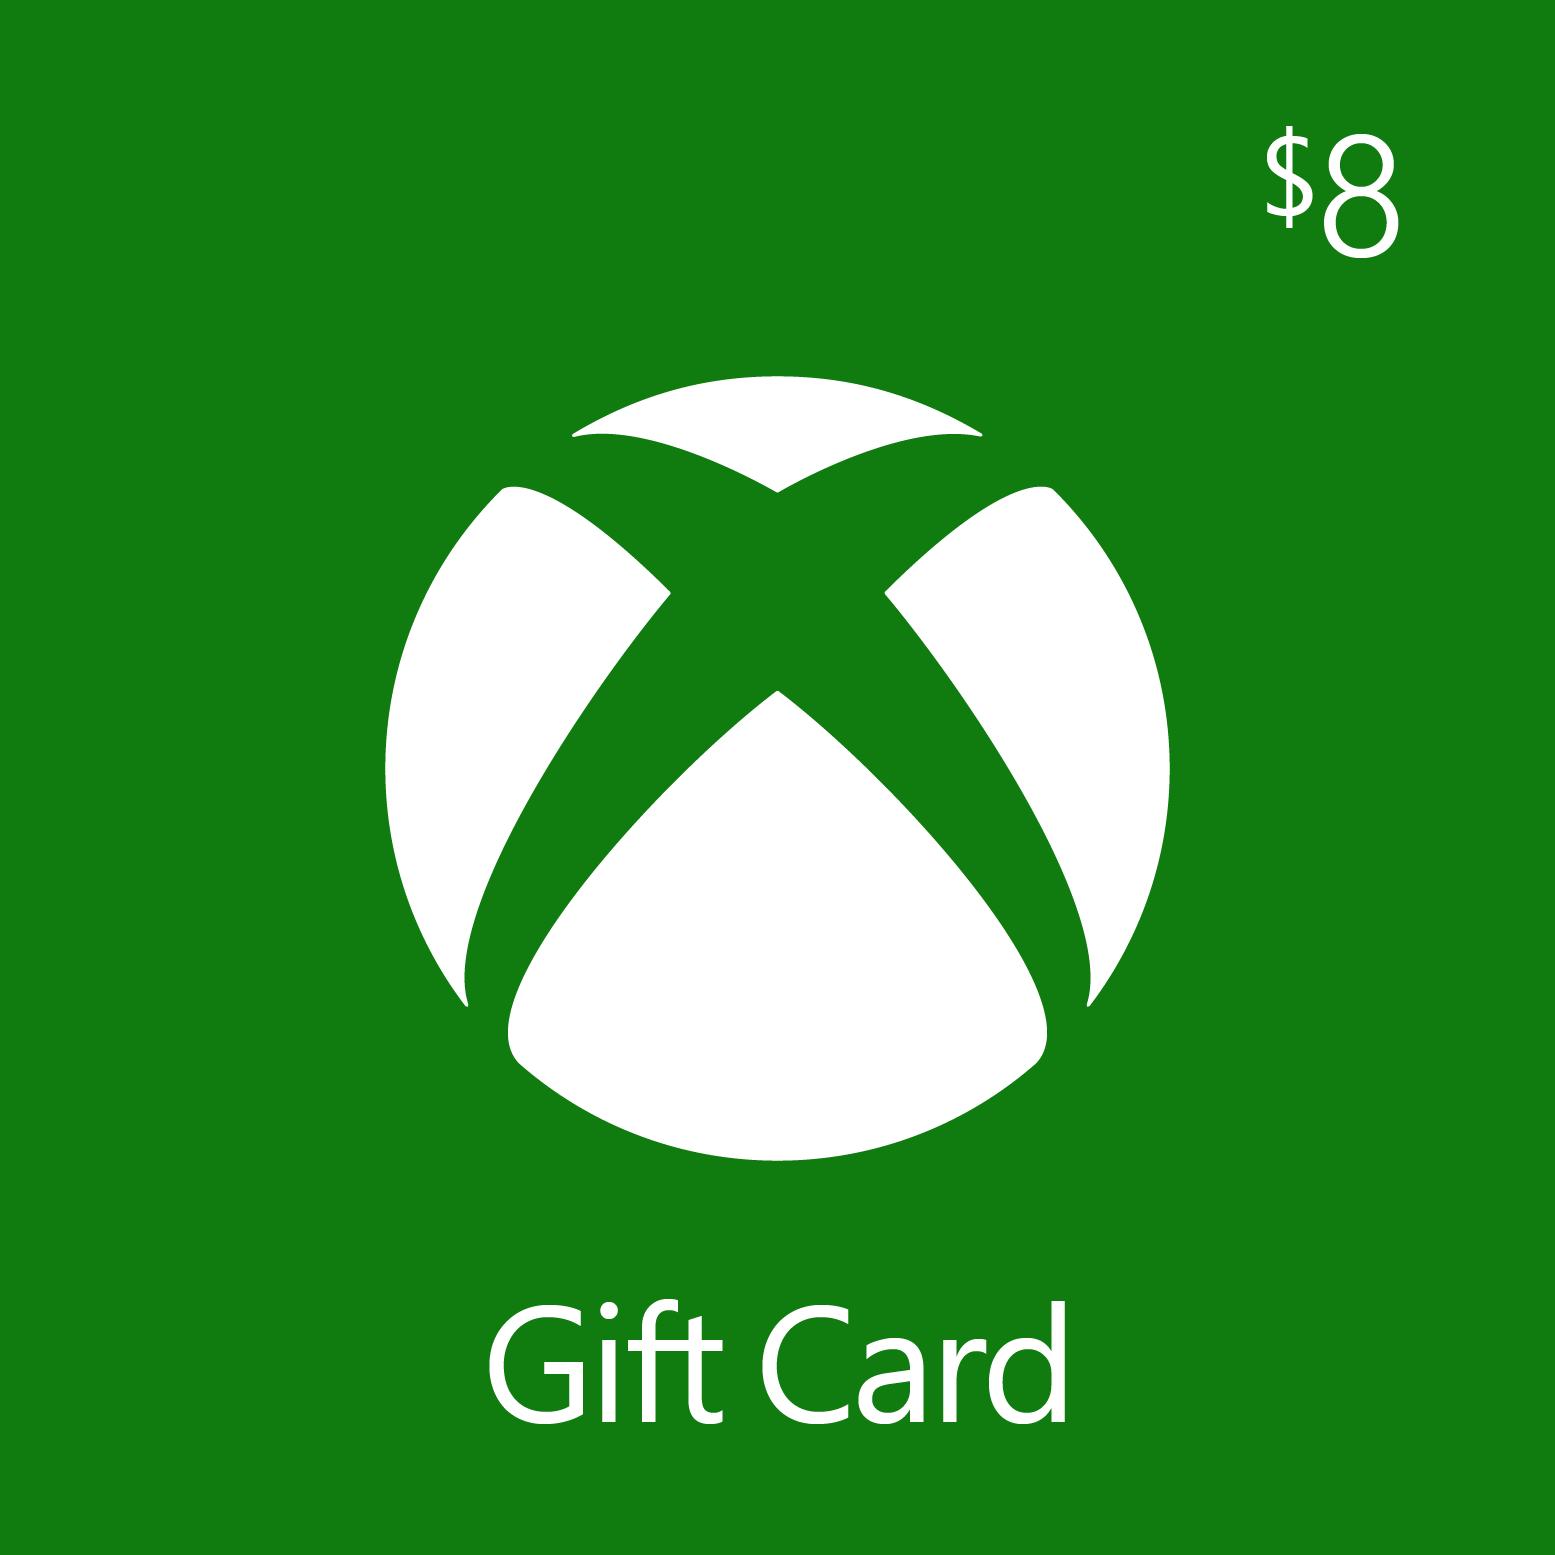 $8.00 Xbox Digital Gift Card